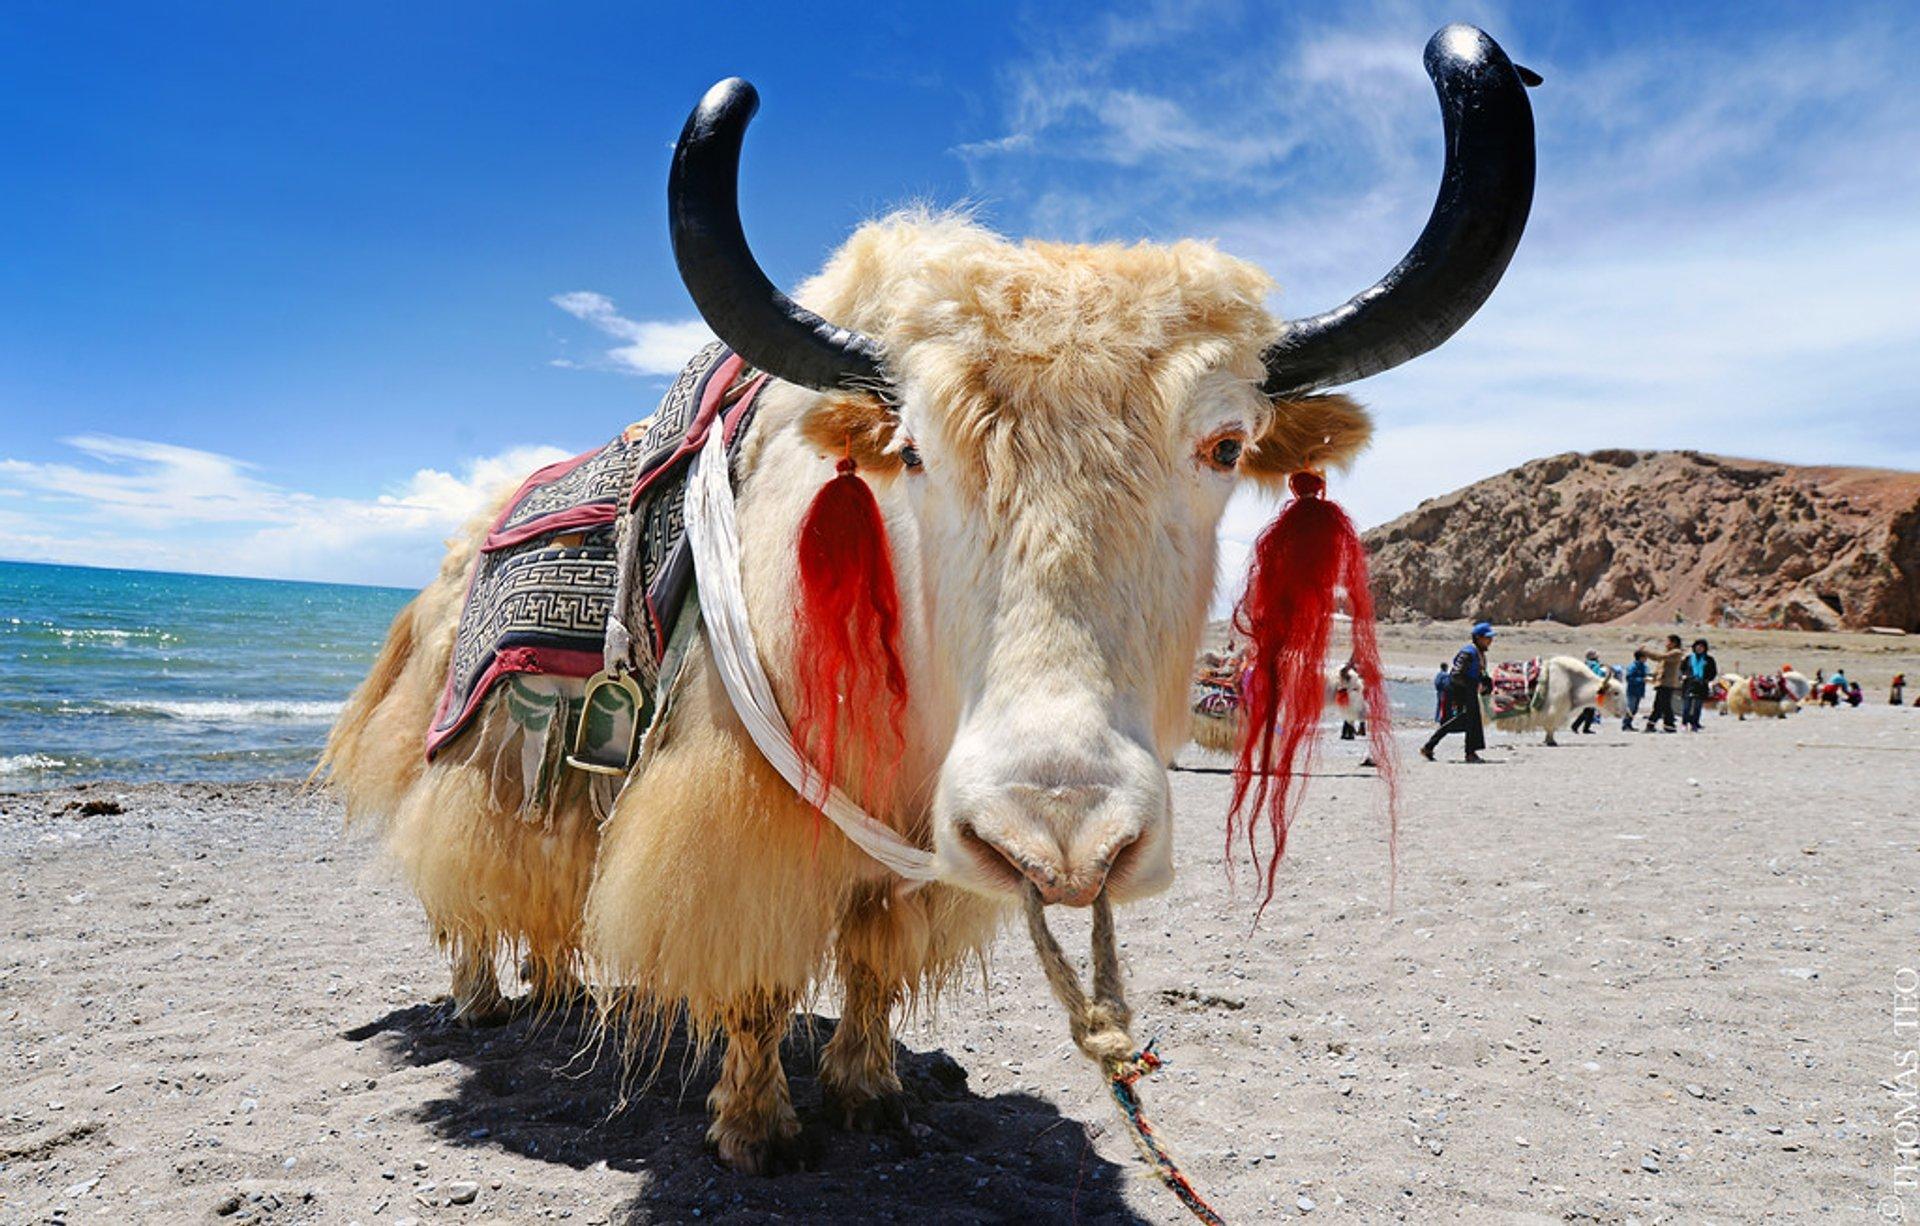 Yaks in Tibet 2020 - Best Time